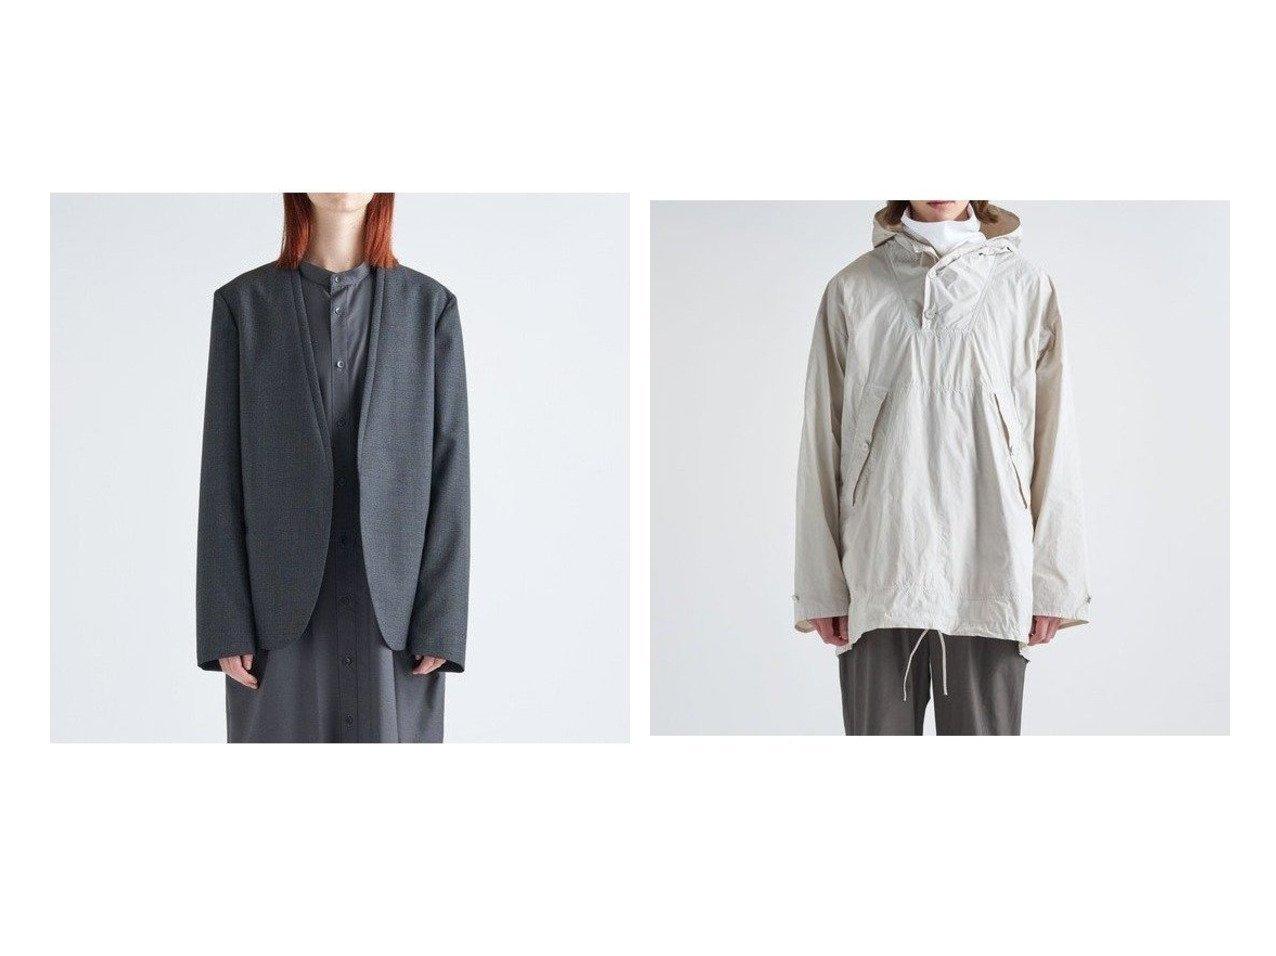 【ATON/エイトン】のミリタリーパーカー(UNISEX)&タキシードカラージャケット(UNISEX) アウターのおすすめ!人気、トレンド・レディースファッションの通販  おすすめで人気の流行・トレンド、ファッションの通販商品 メンズファッション・キッズファッション・インテリア・家具・レディースファッション・服の通販 founy(ファニー) https://founy.com/ ファッション Fashion レディースファッション WOMEN アウター Coat Outerwear ジャケット Jackets カーディガン ジャケット パイピング フォーム ポケット UNISEX 送料無料 Free Shipping |ID:crp329100000010055